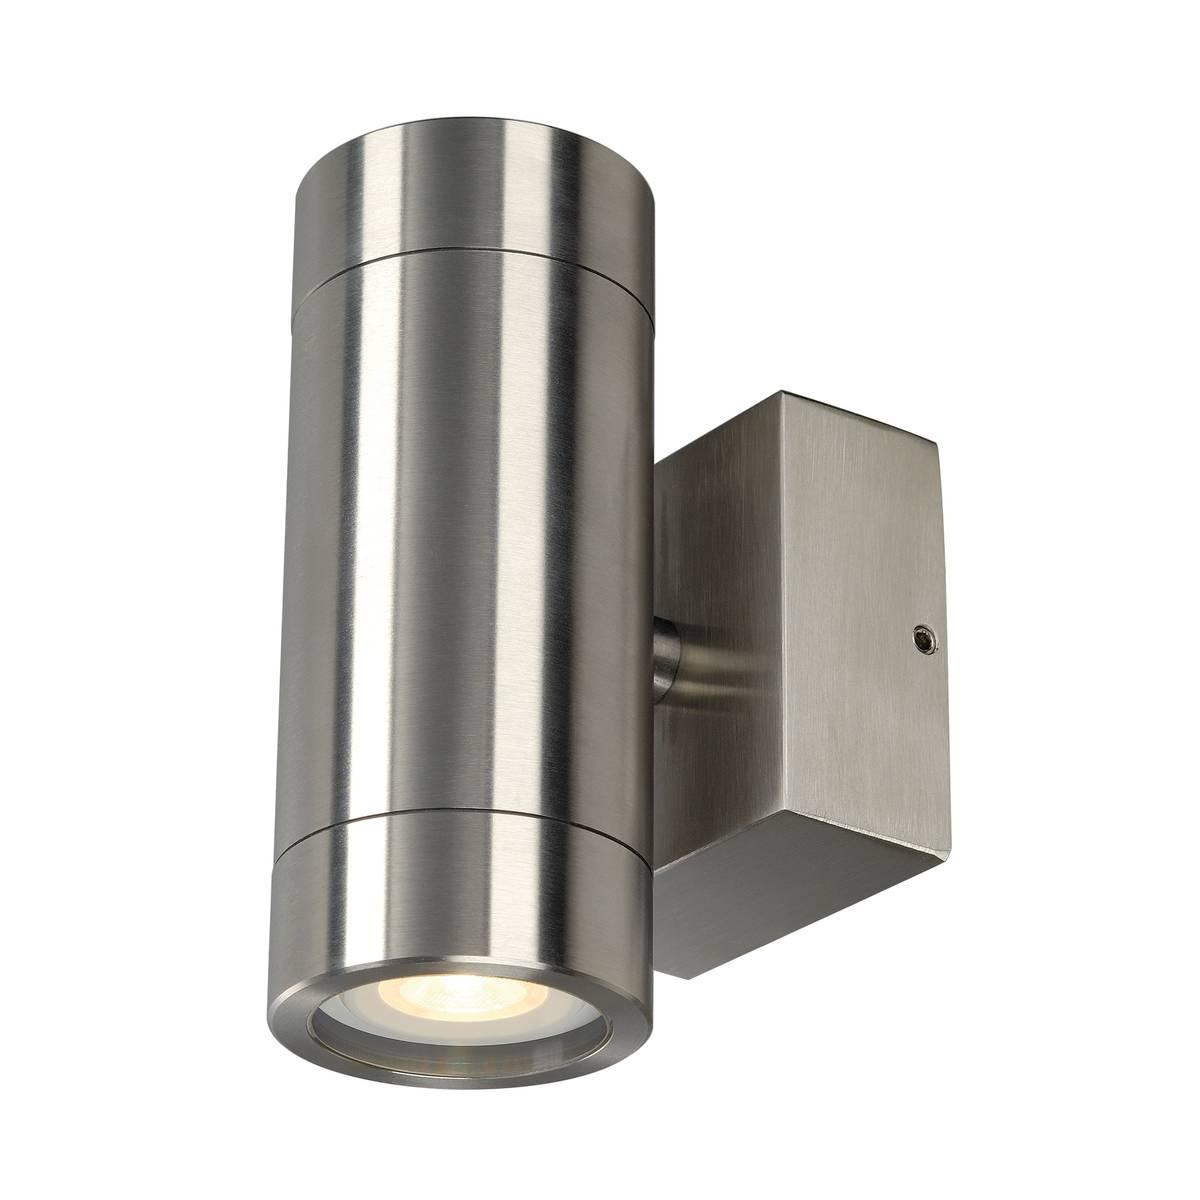 SLV buiten wandlamp Astina Steel - Gu10 - roestvrij staal